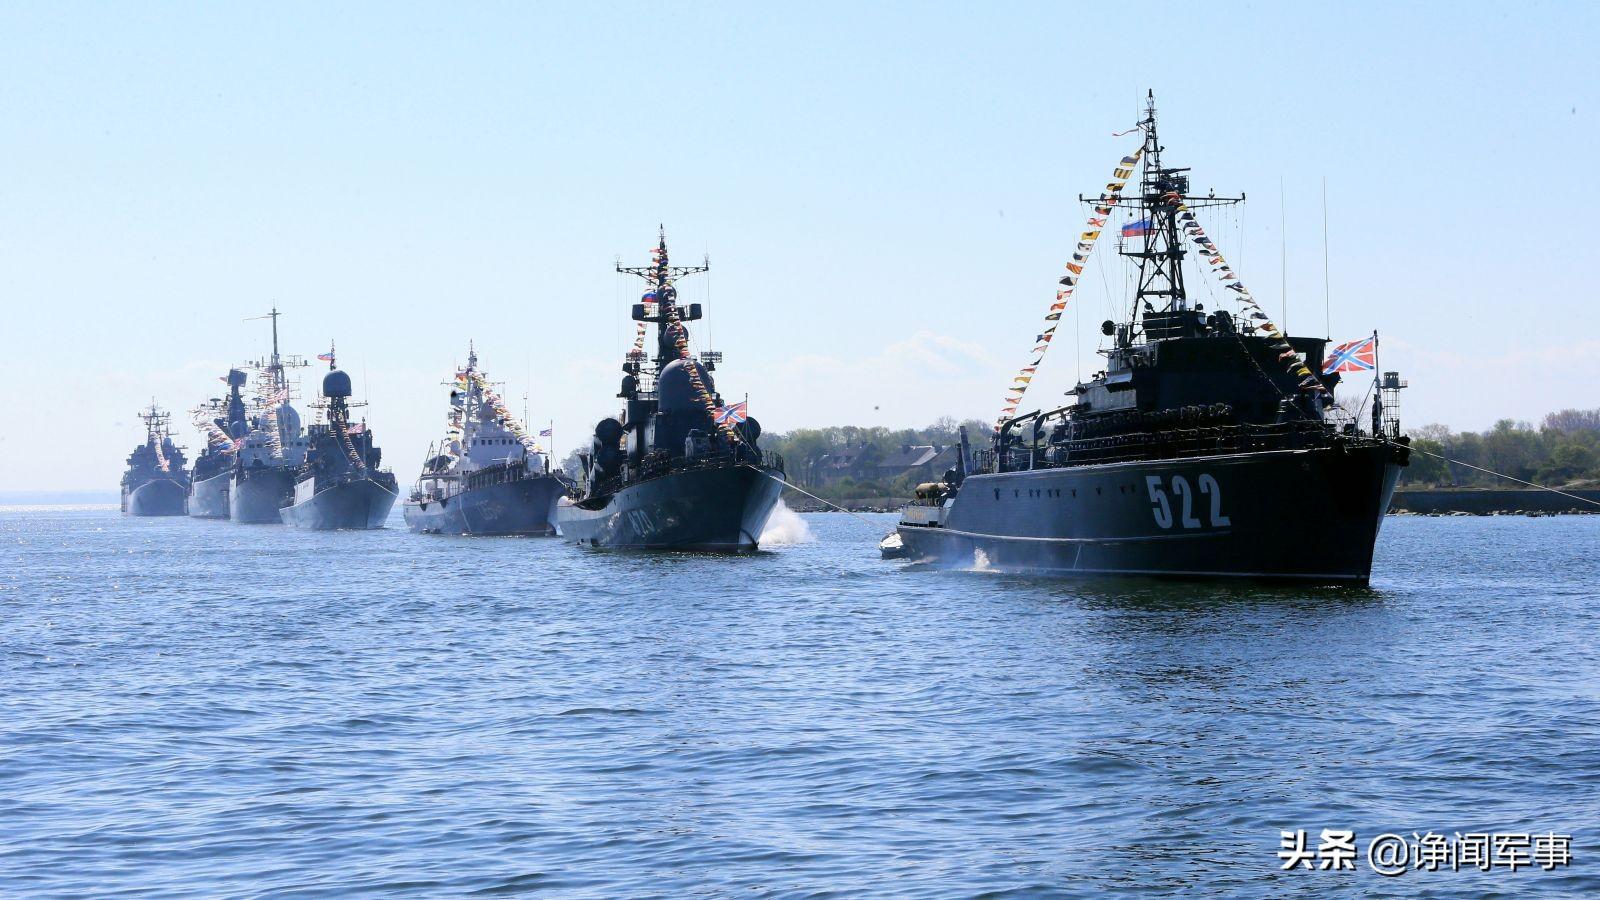 2020年现代化装备比例70%!军费喂不饱俄海军,目标能实现吗?